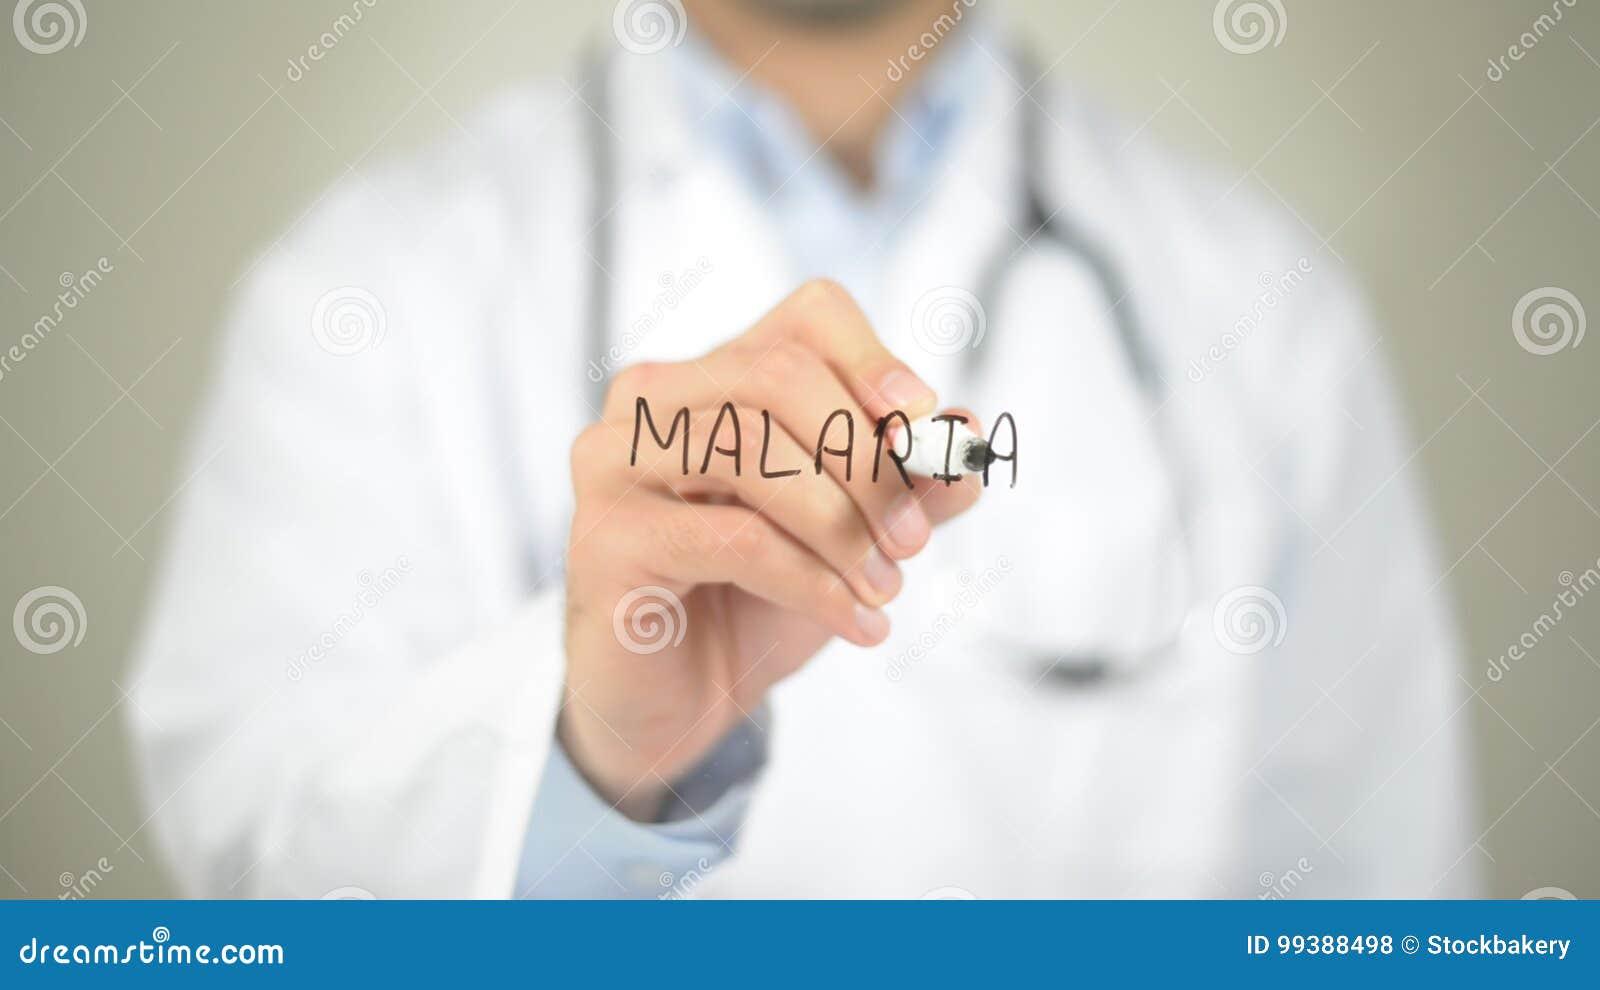 Malaria, Arts die op het transparante scherm schrijven